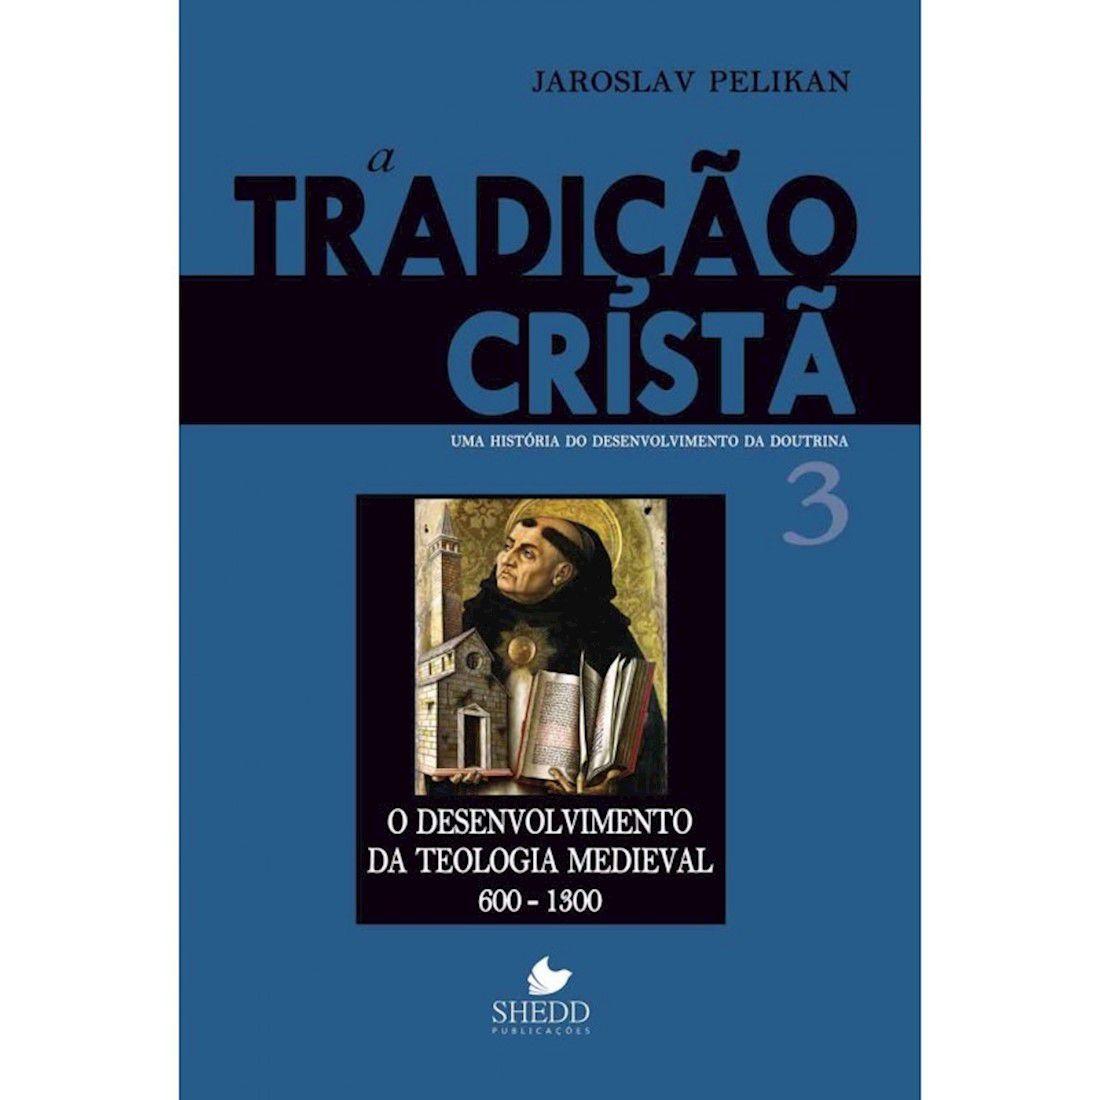 Livro A Tradição Cristã: Uma História do Desenvolvimento da Doutrina - Vol. 3